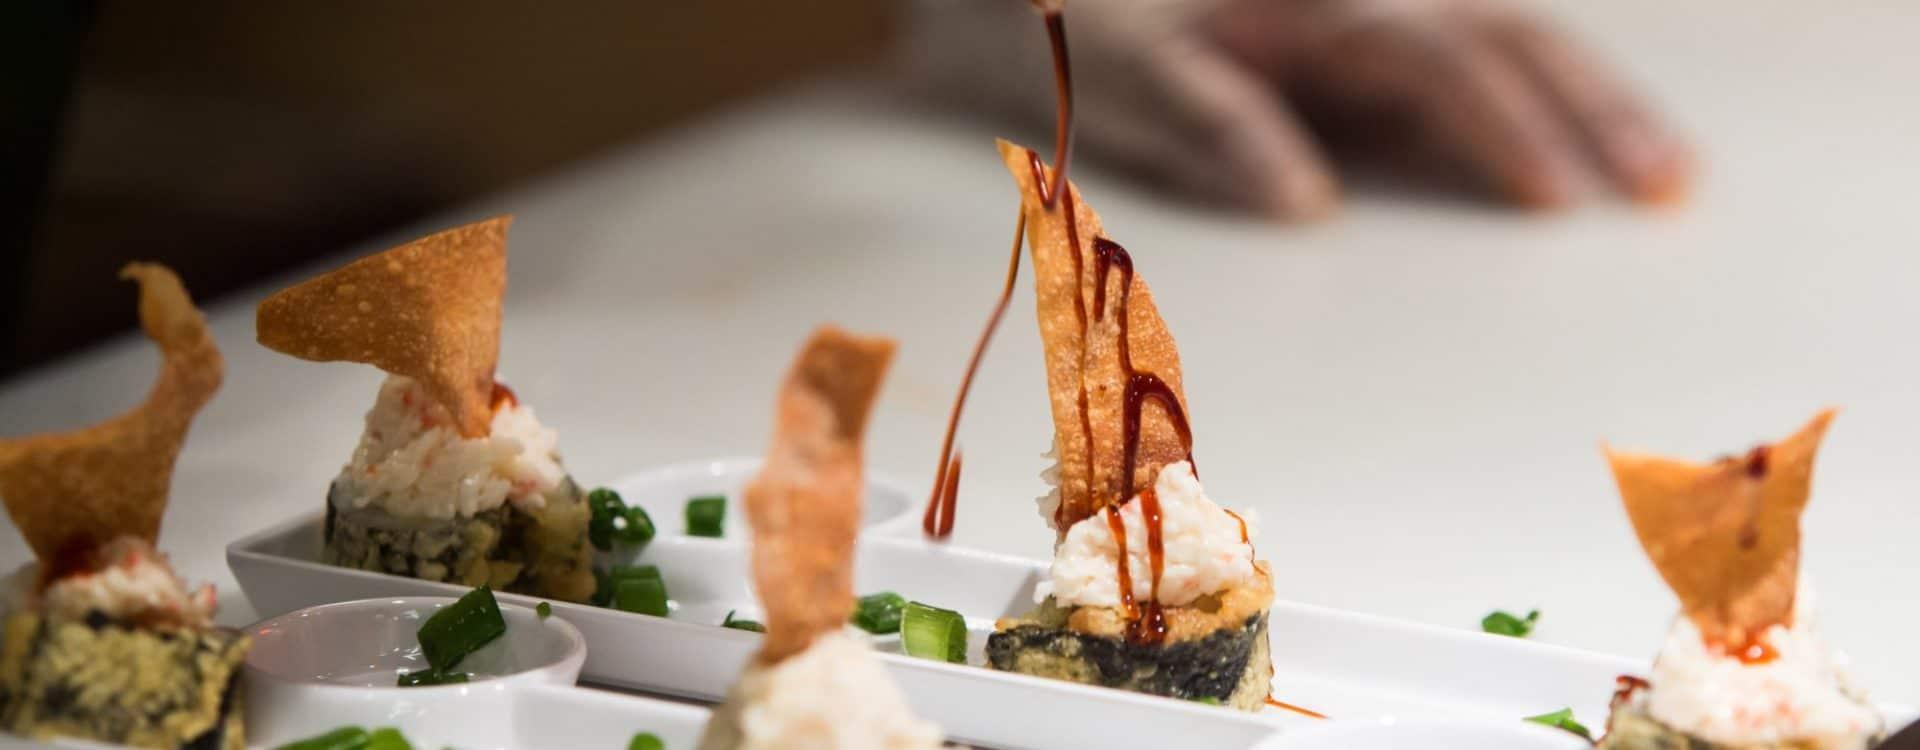 SushiFork of Tulsa Hills - Sushi Restaurant